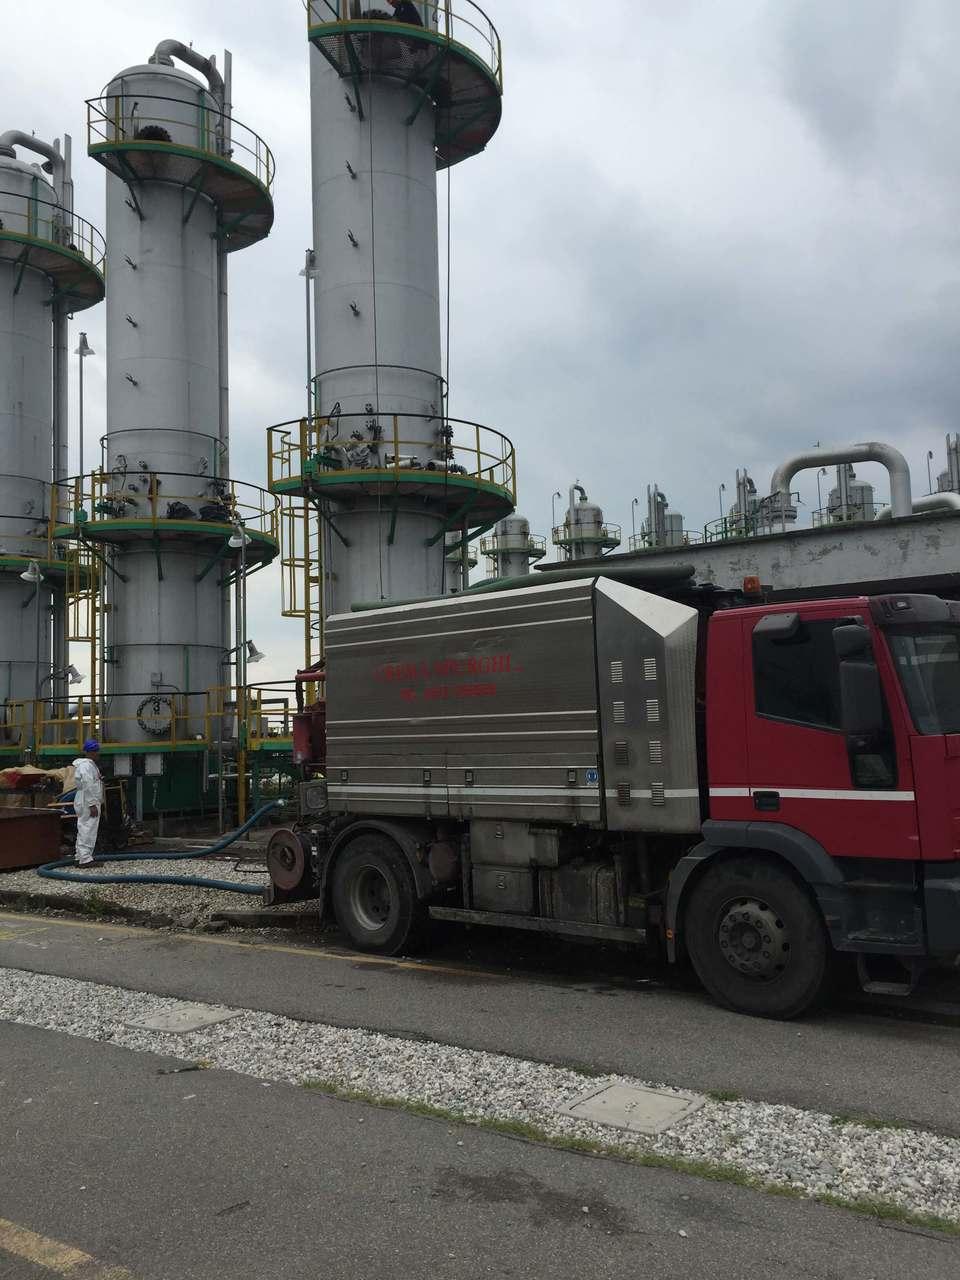 camion rosso con silos sullo sfondo